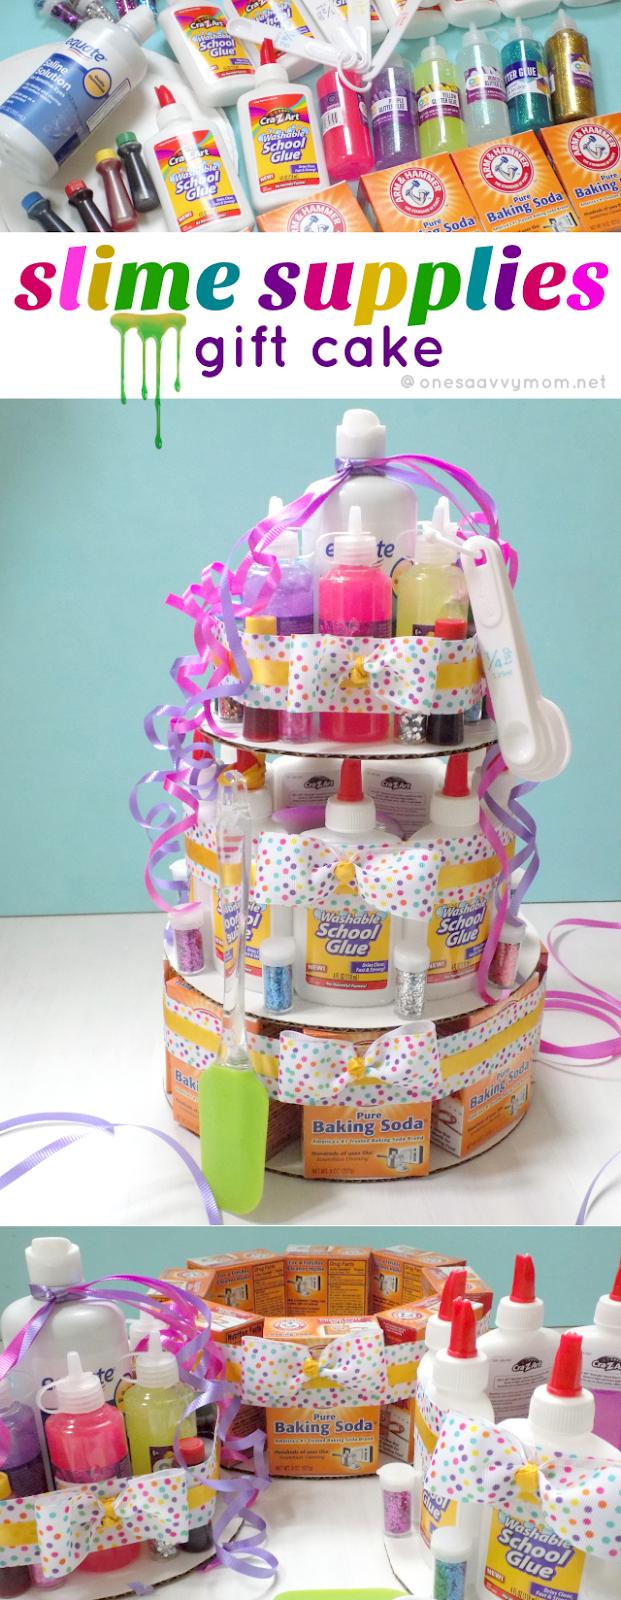 One Savvy Mom ™   NYC Area Mom Blog: Slime Supplies Gift Cake